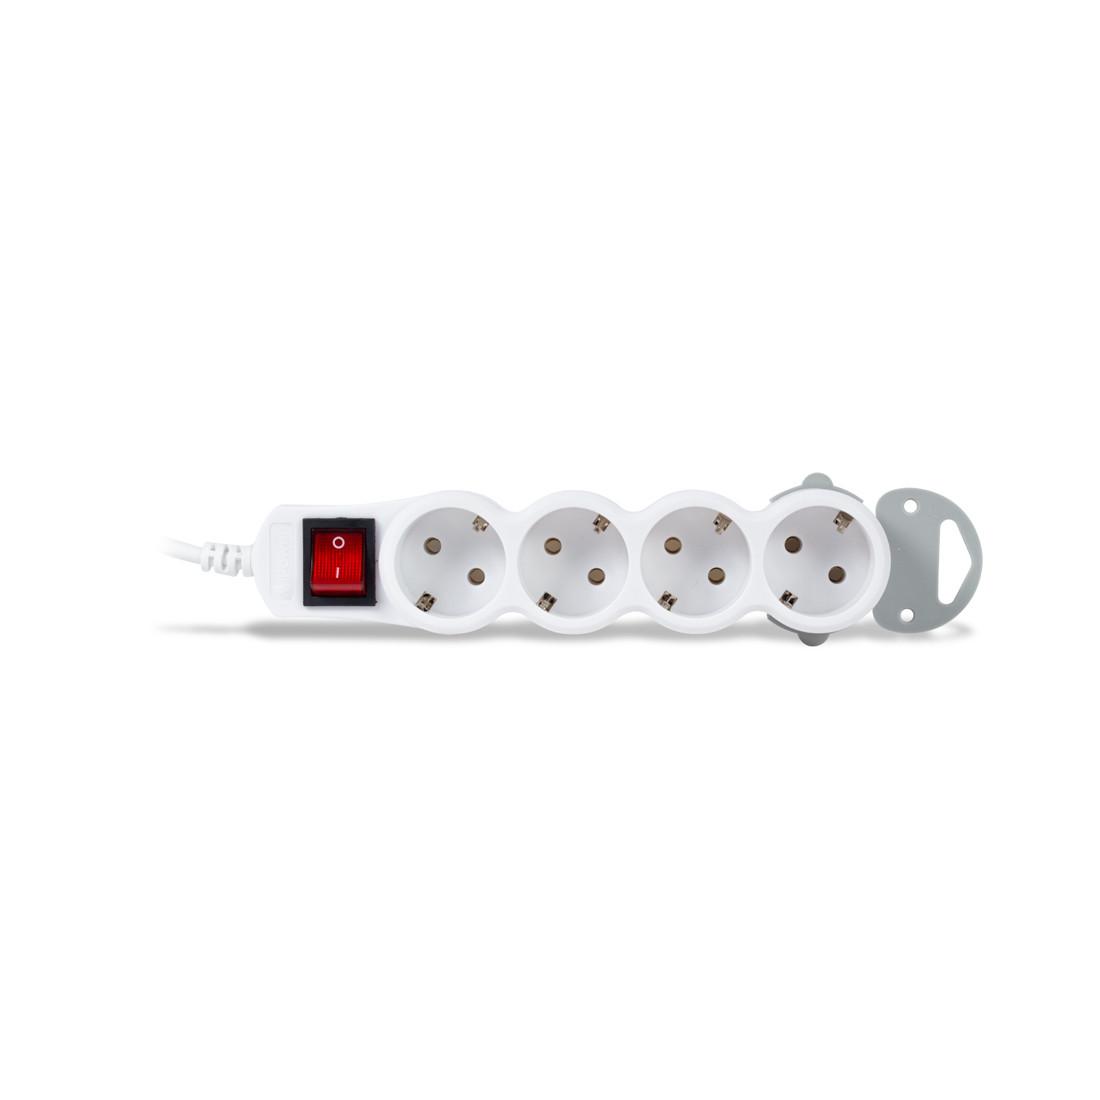 Сетевой фильтр iPower Home W4-50M 4 розеток 5 метров 220-240V 10A Белый